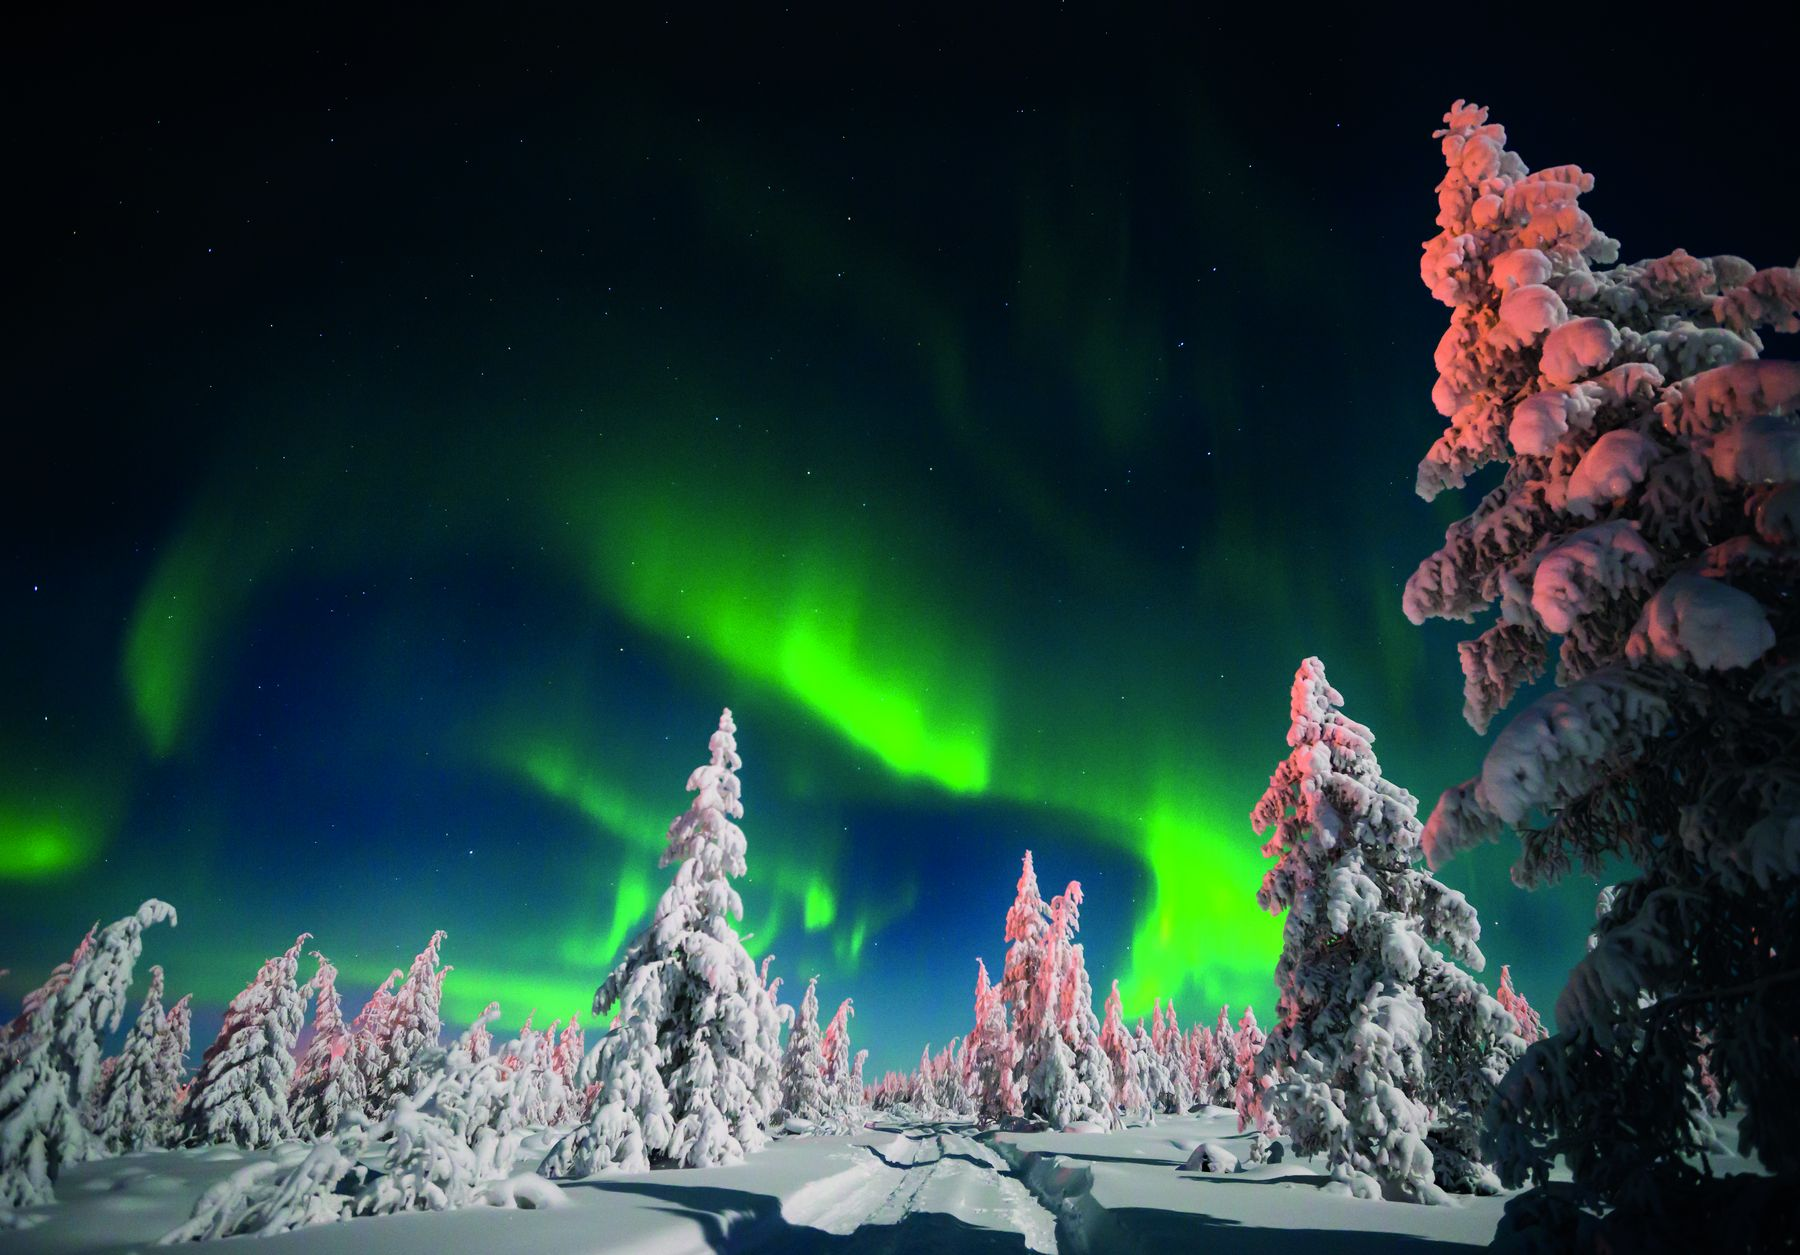 Nordlichter Wald Schnee iStock610946908